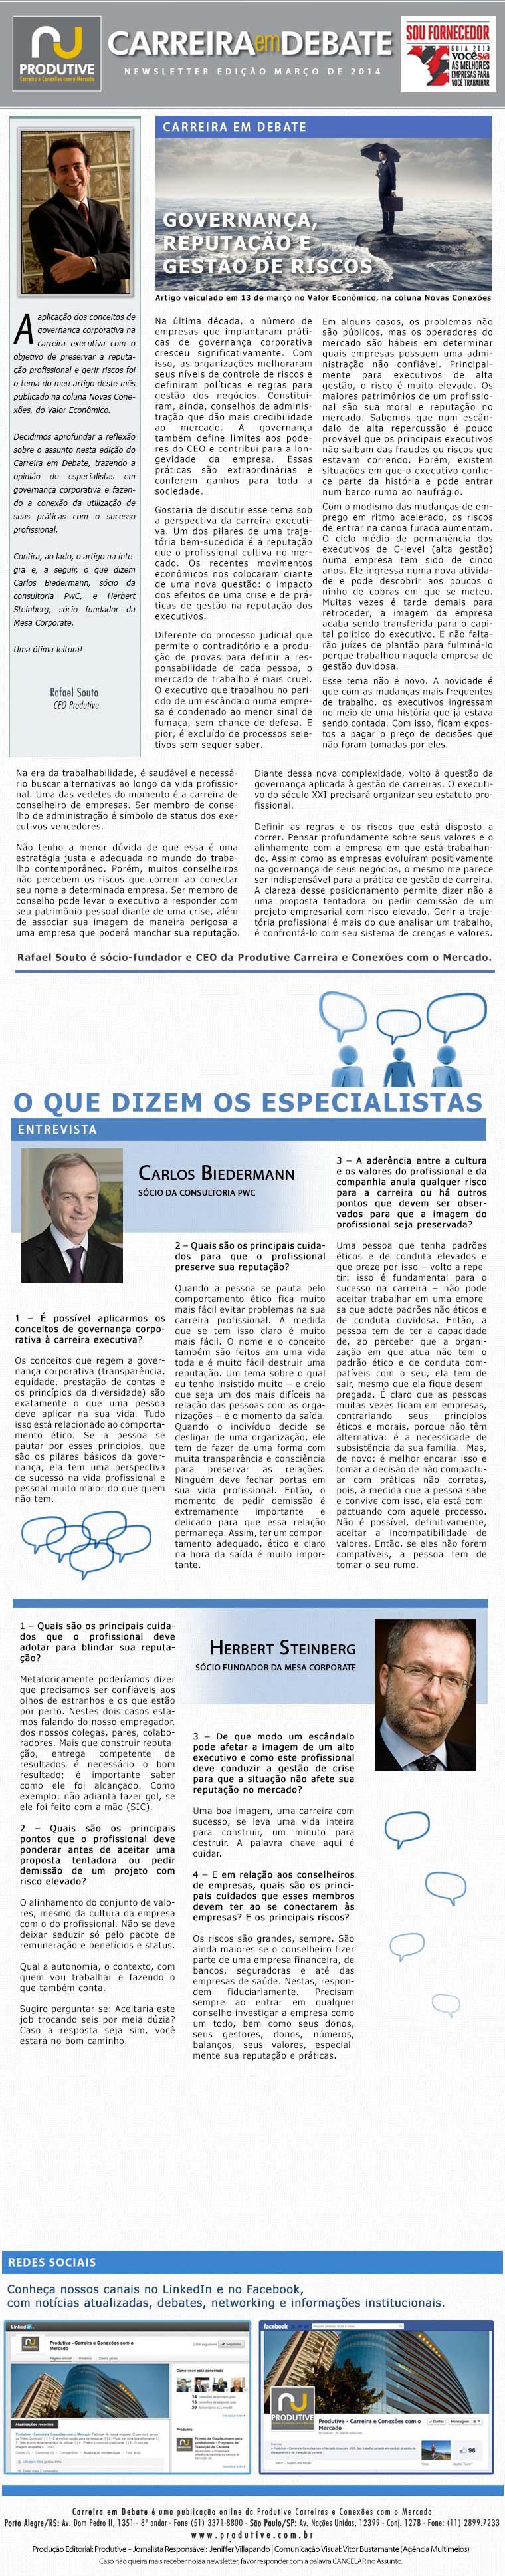 News Produtive - Janeiro 2011.indd